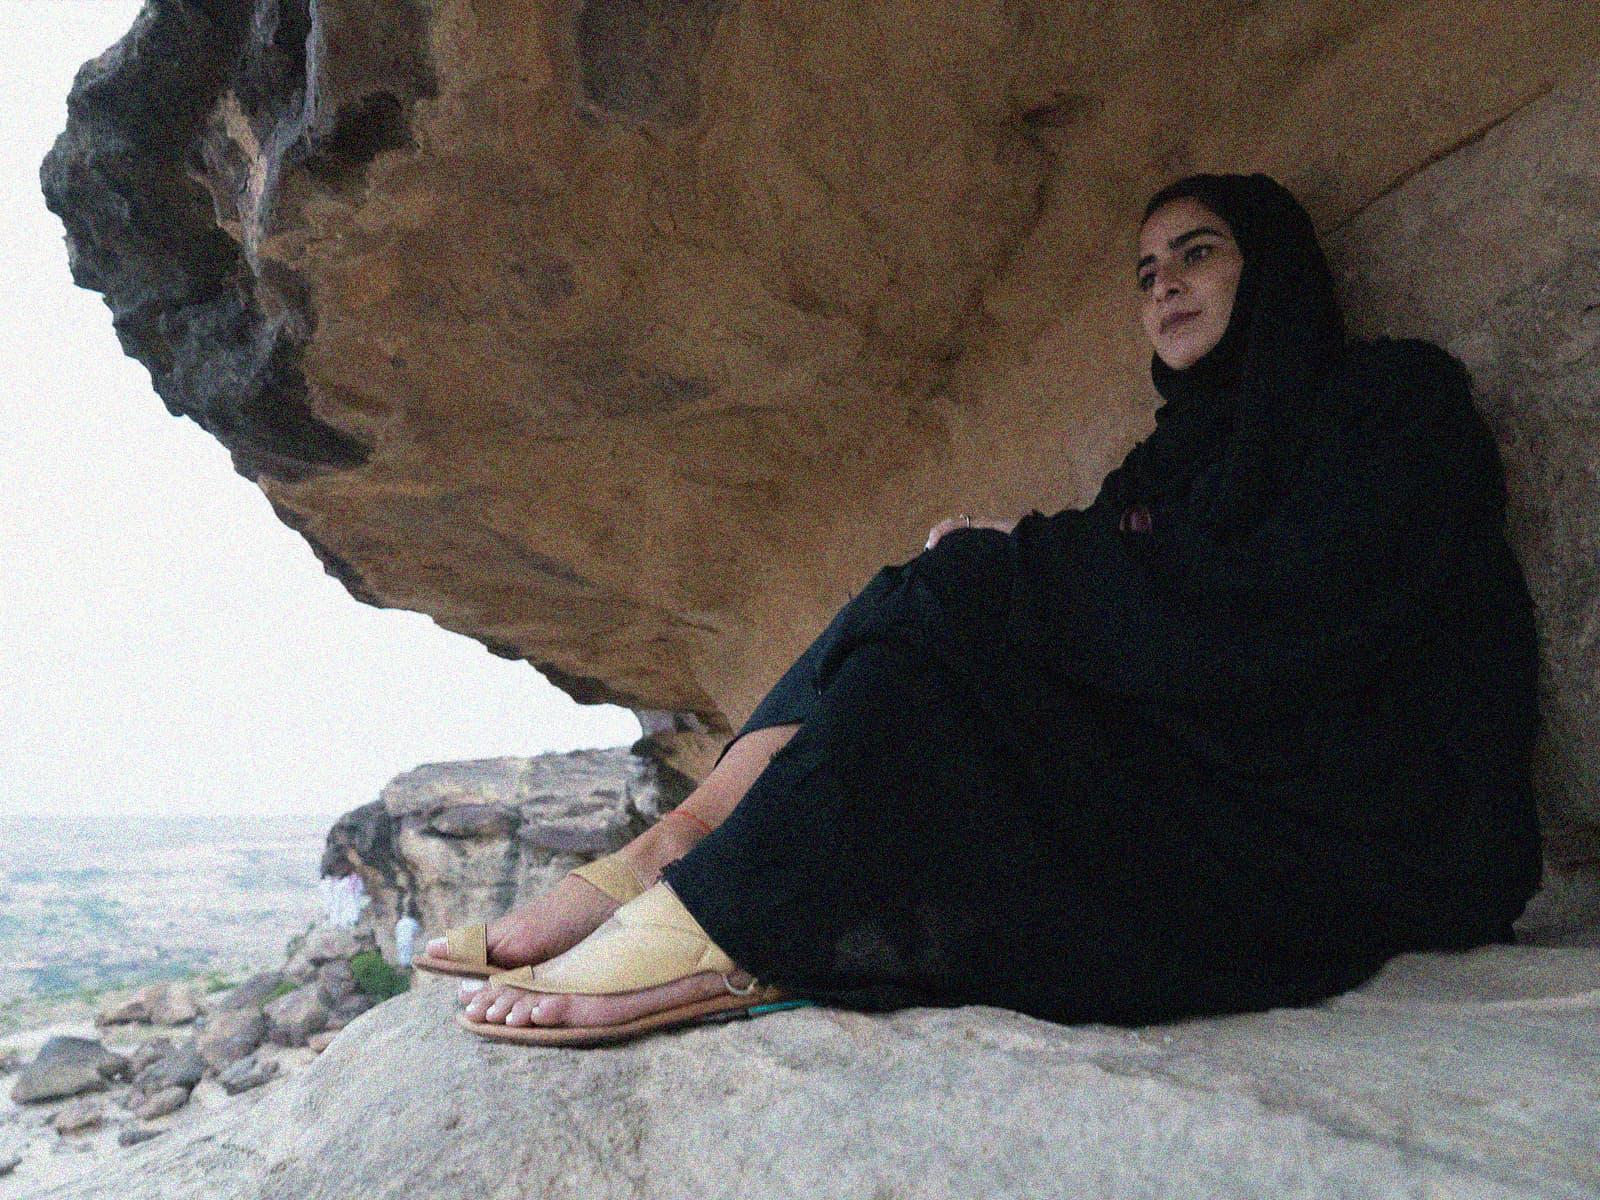 شركة نعل في دبي تعيد تعريف الثقافة الخليجية